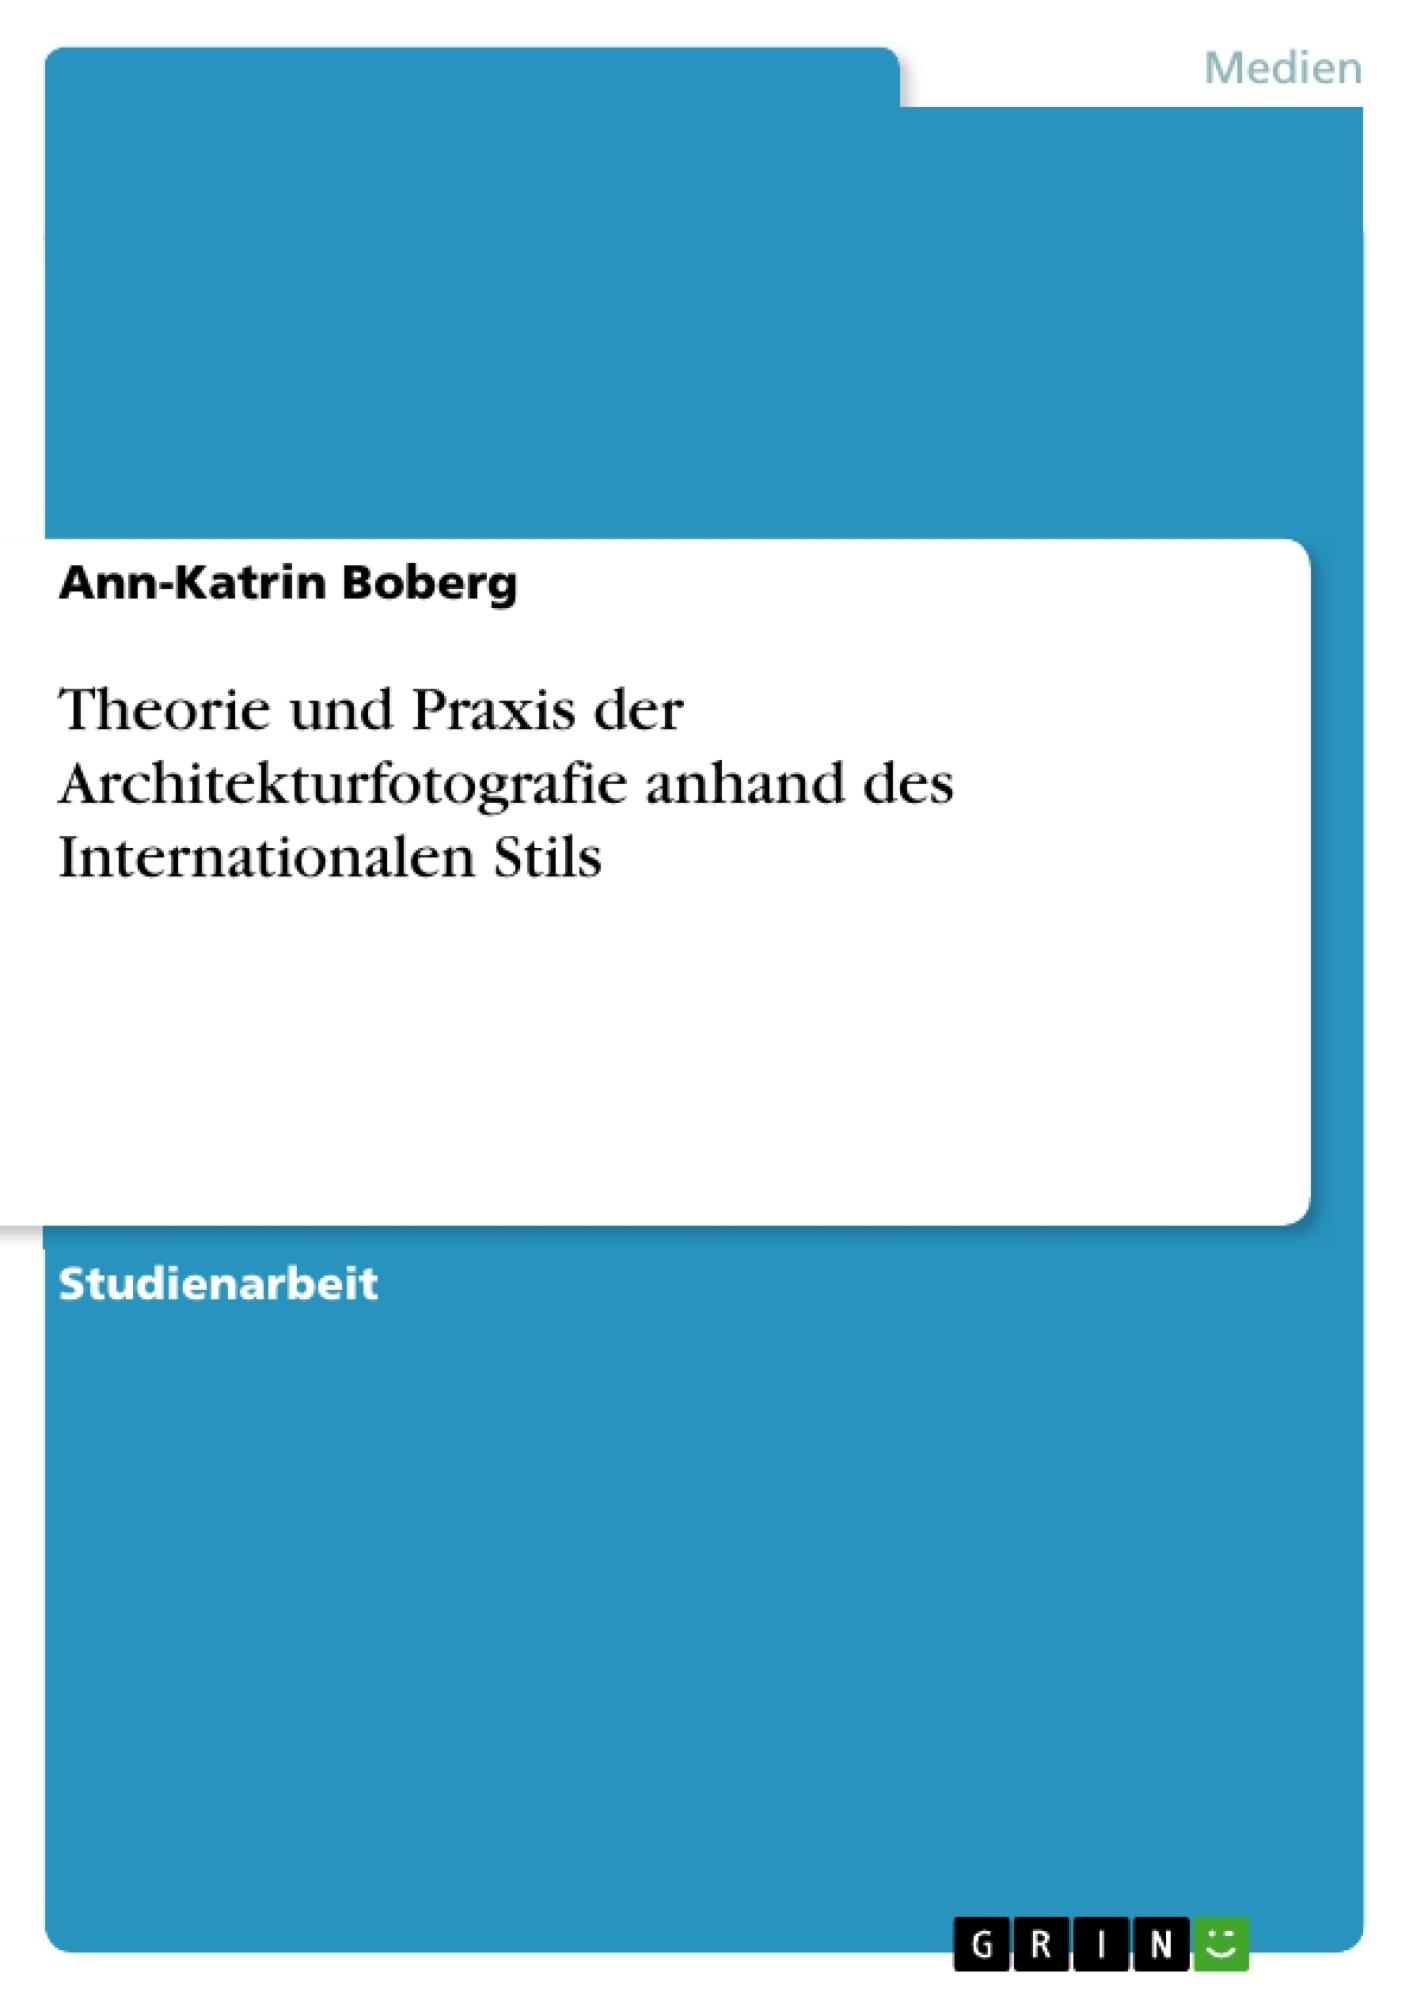 Titel: Theorie und Praxis der Architekturfotografie anhand des Internationalen Stils